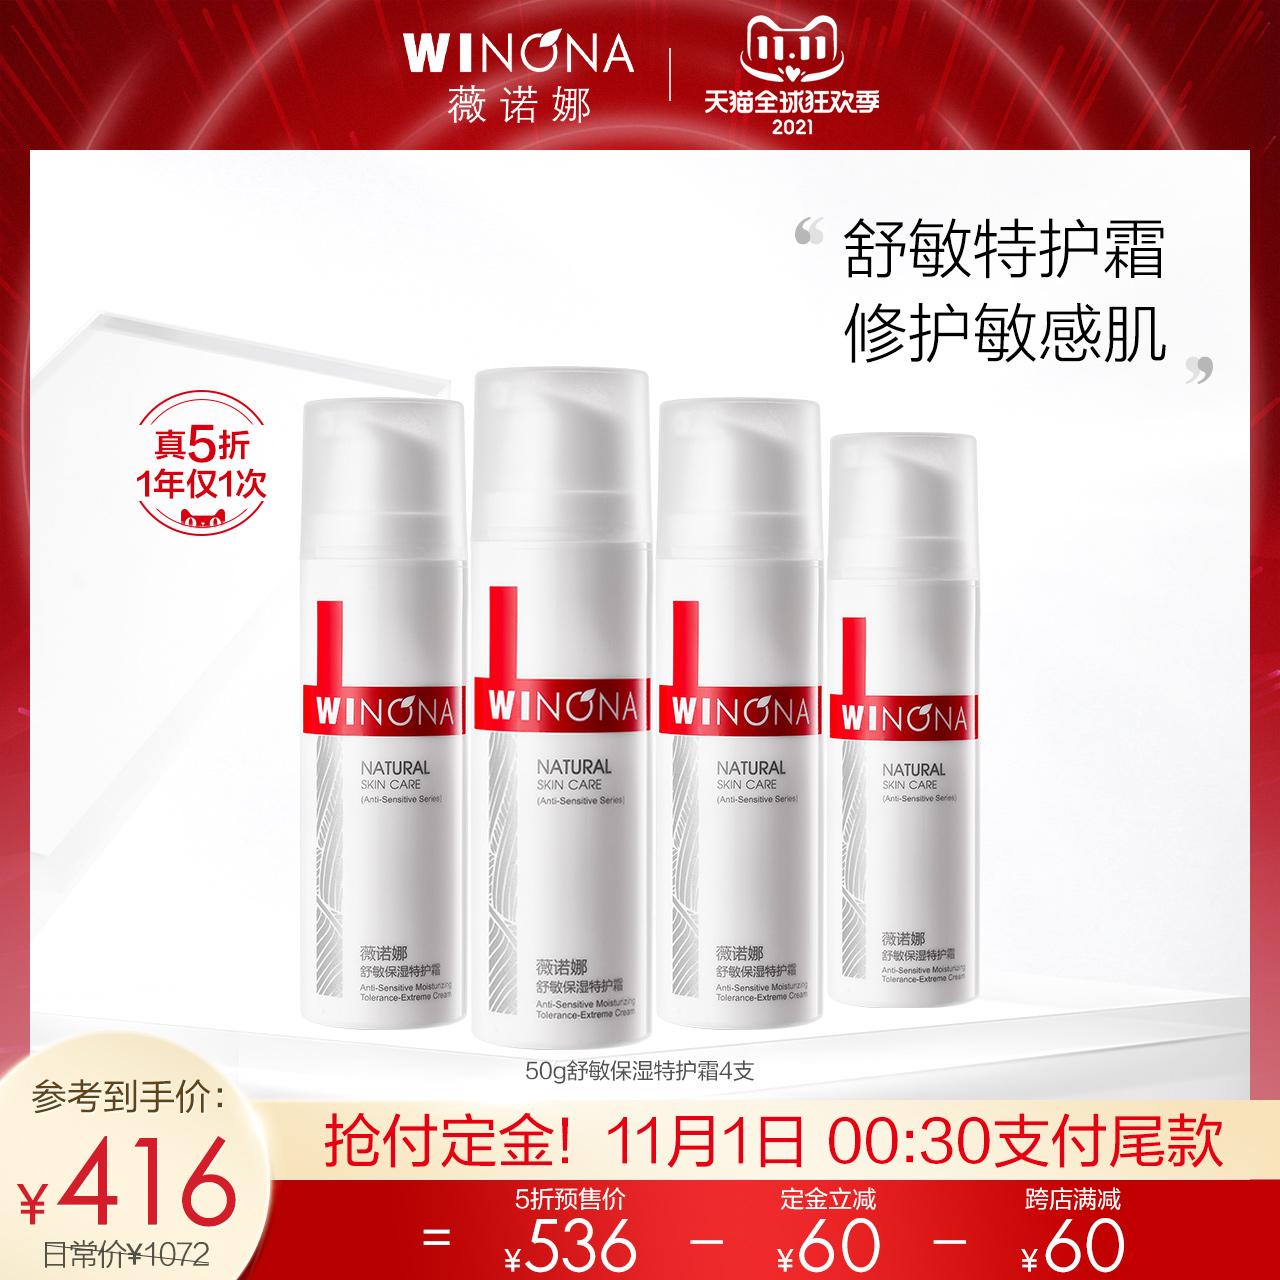 【立即预定】薇诺娜舒敏保湿特护霜50g*4 敏感肌补水舒缓修护屏障